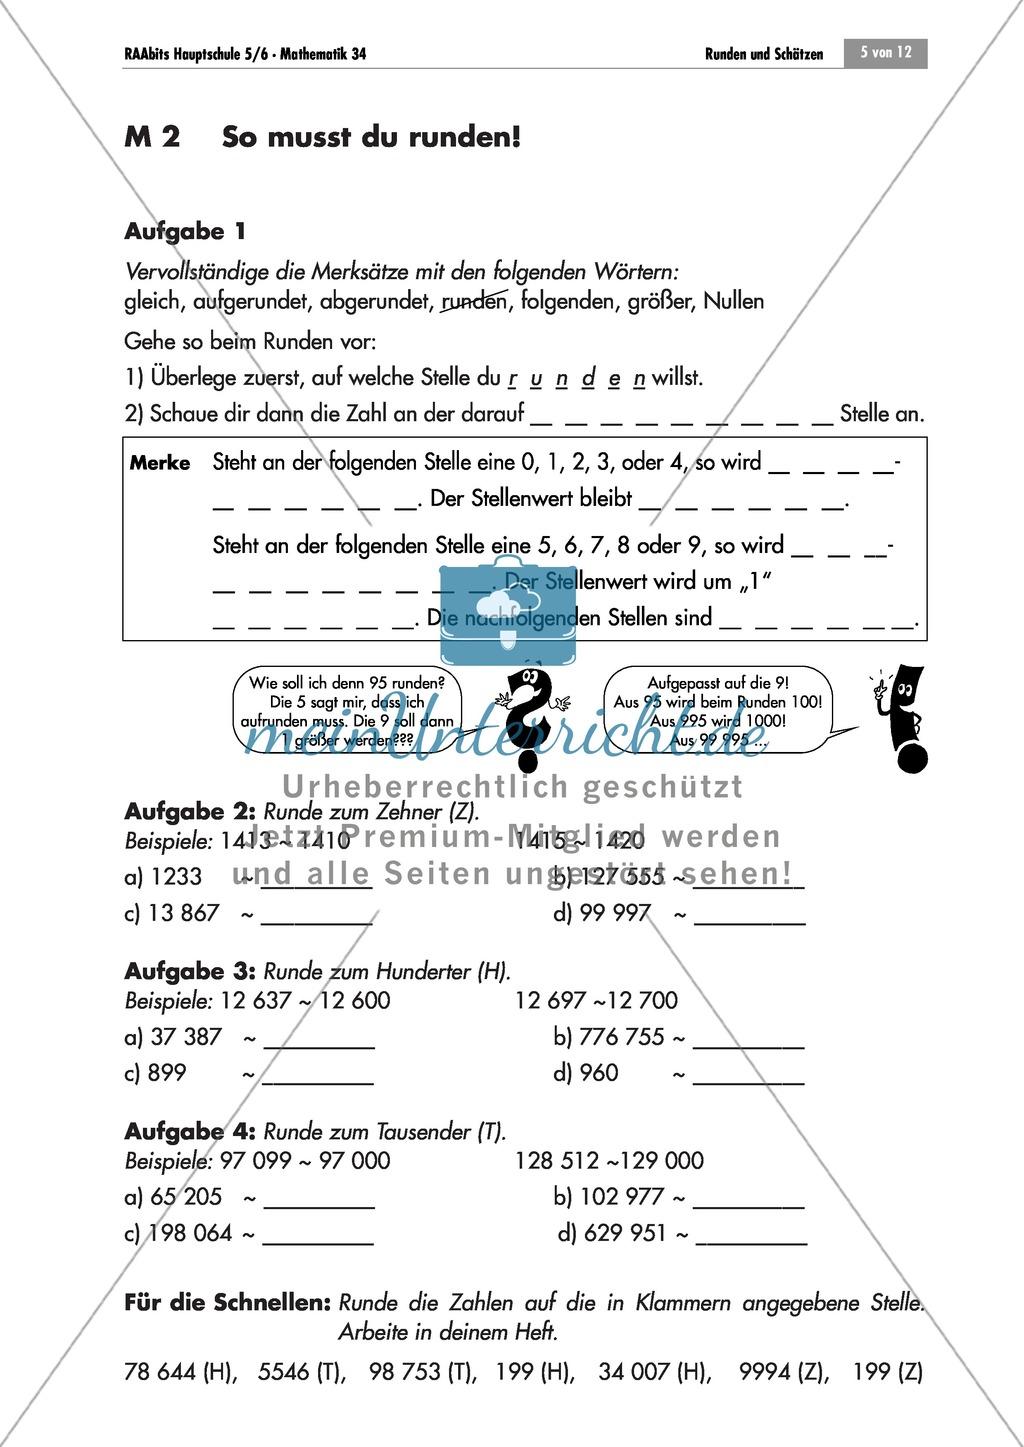 Arbeitsblatt Geldbeträge Runden : Unterrichtseinheit zum runden und schätzen mit aufgaben